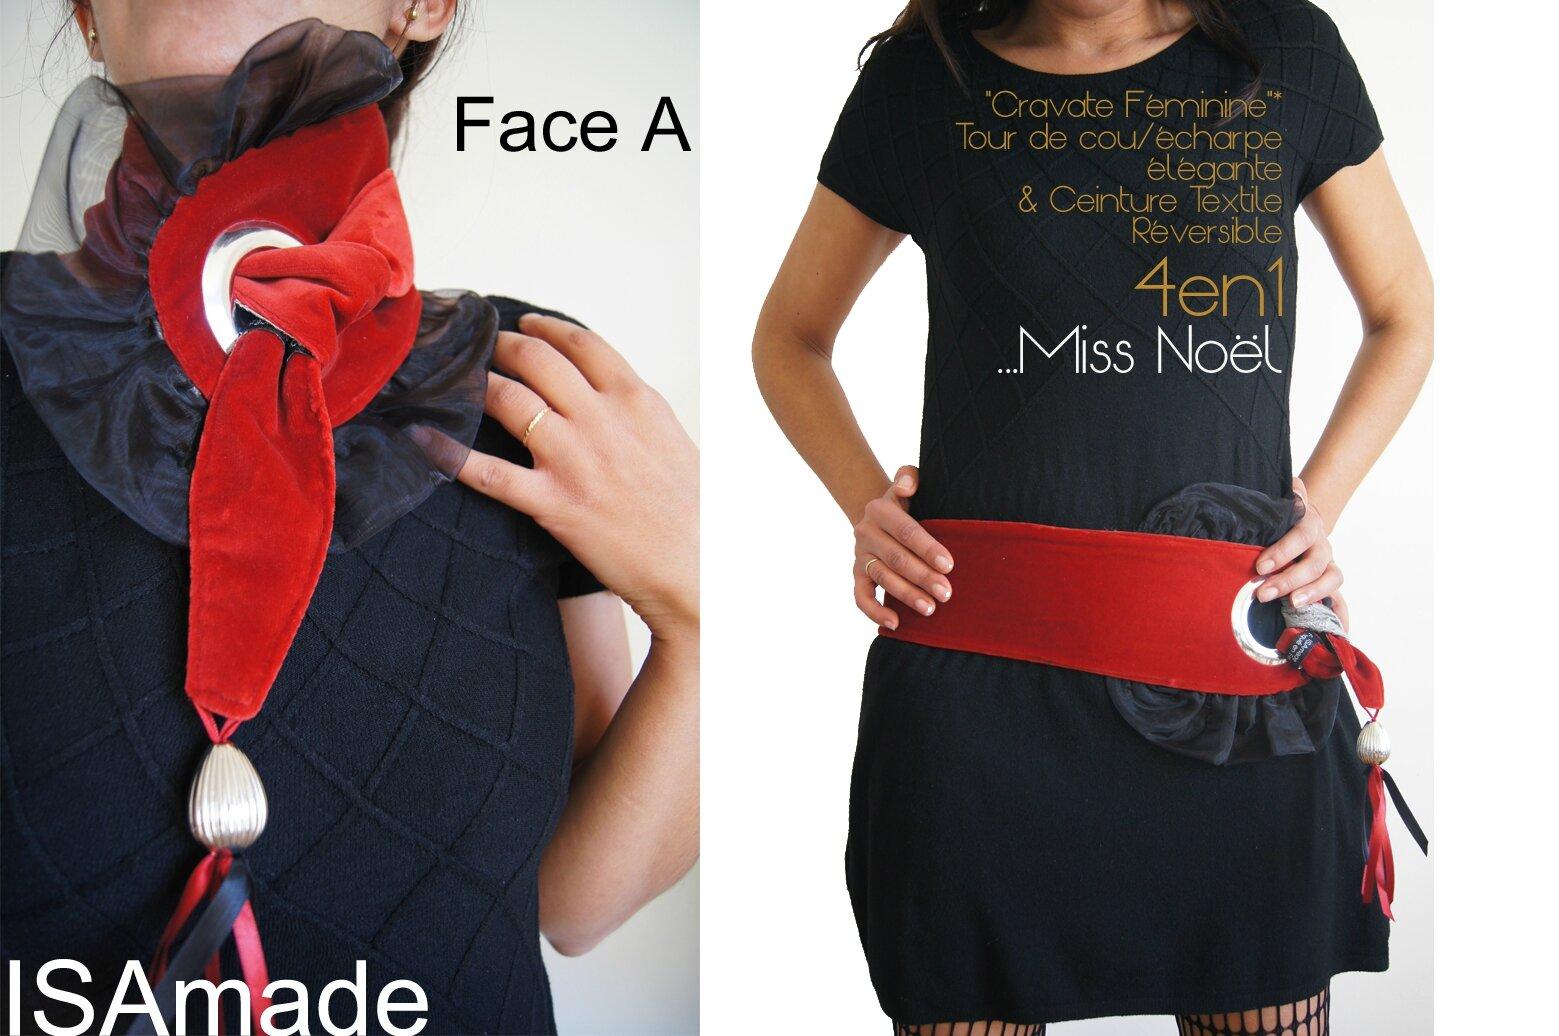 Cravate Ceinture en velours Rouge et Imprimé gris pour les Fêtes